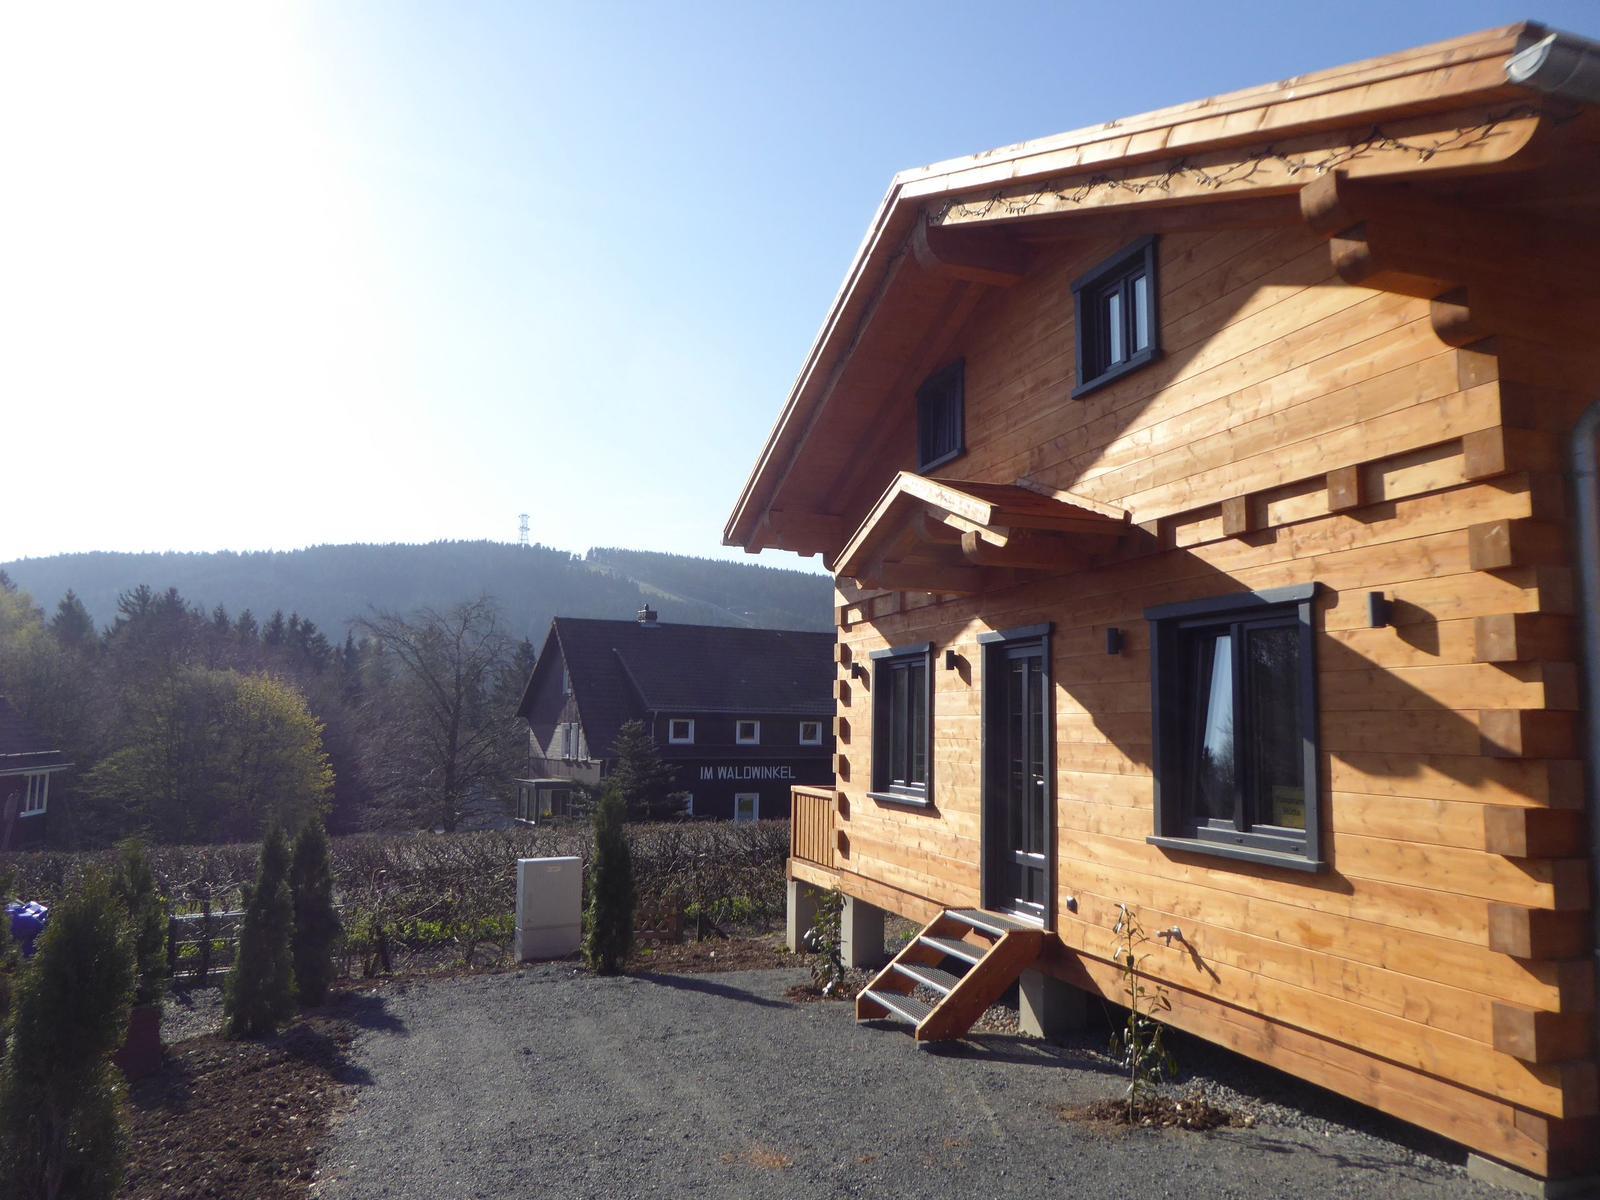 Harz Ferienhaus Panorama Hütte anno 2018 Haus 1